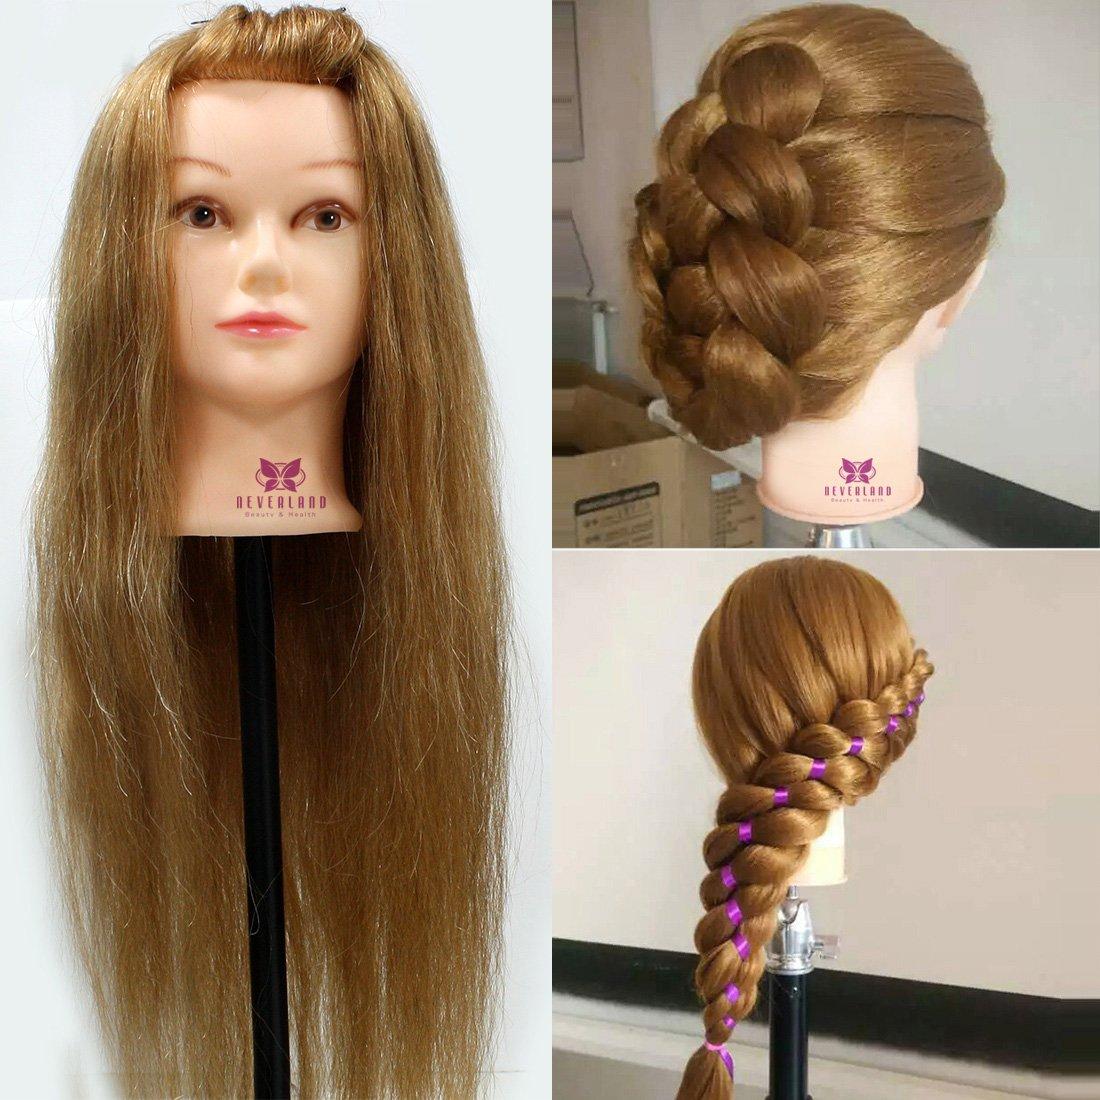 Neverland - Testa di manichino per l'addestramento di apprendisti parrucchieri, modello professionale da 66 cm, capelli reali al 95% con morsetto di fissaggio